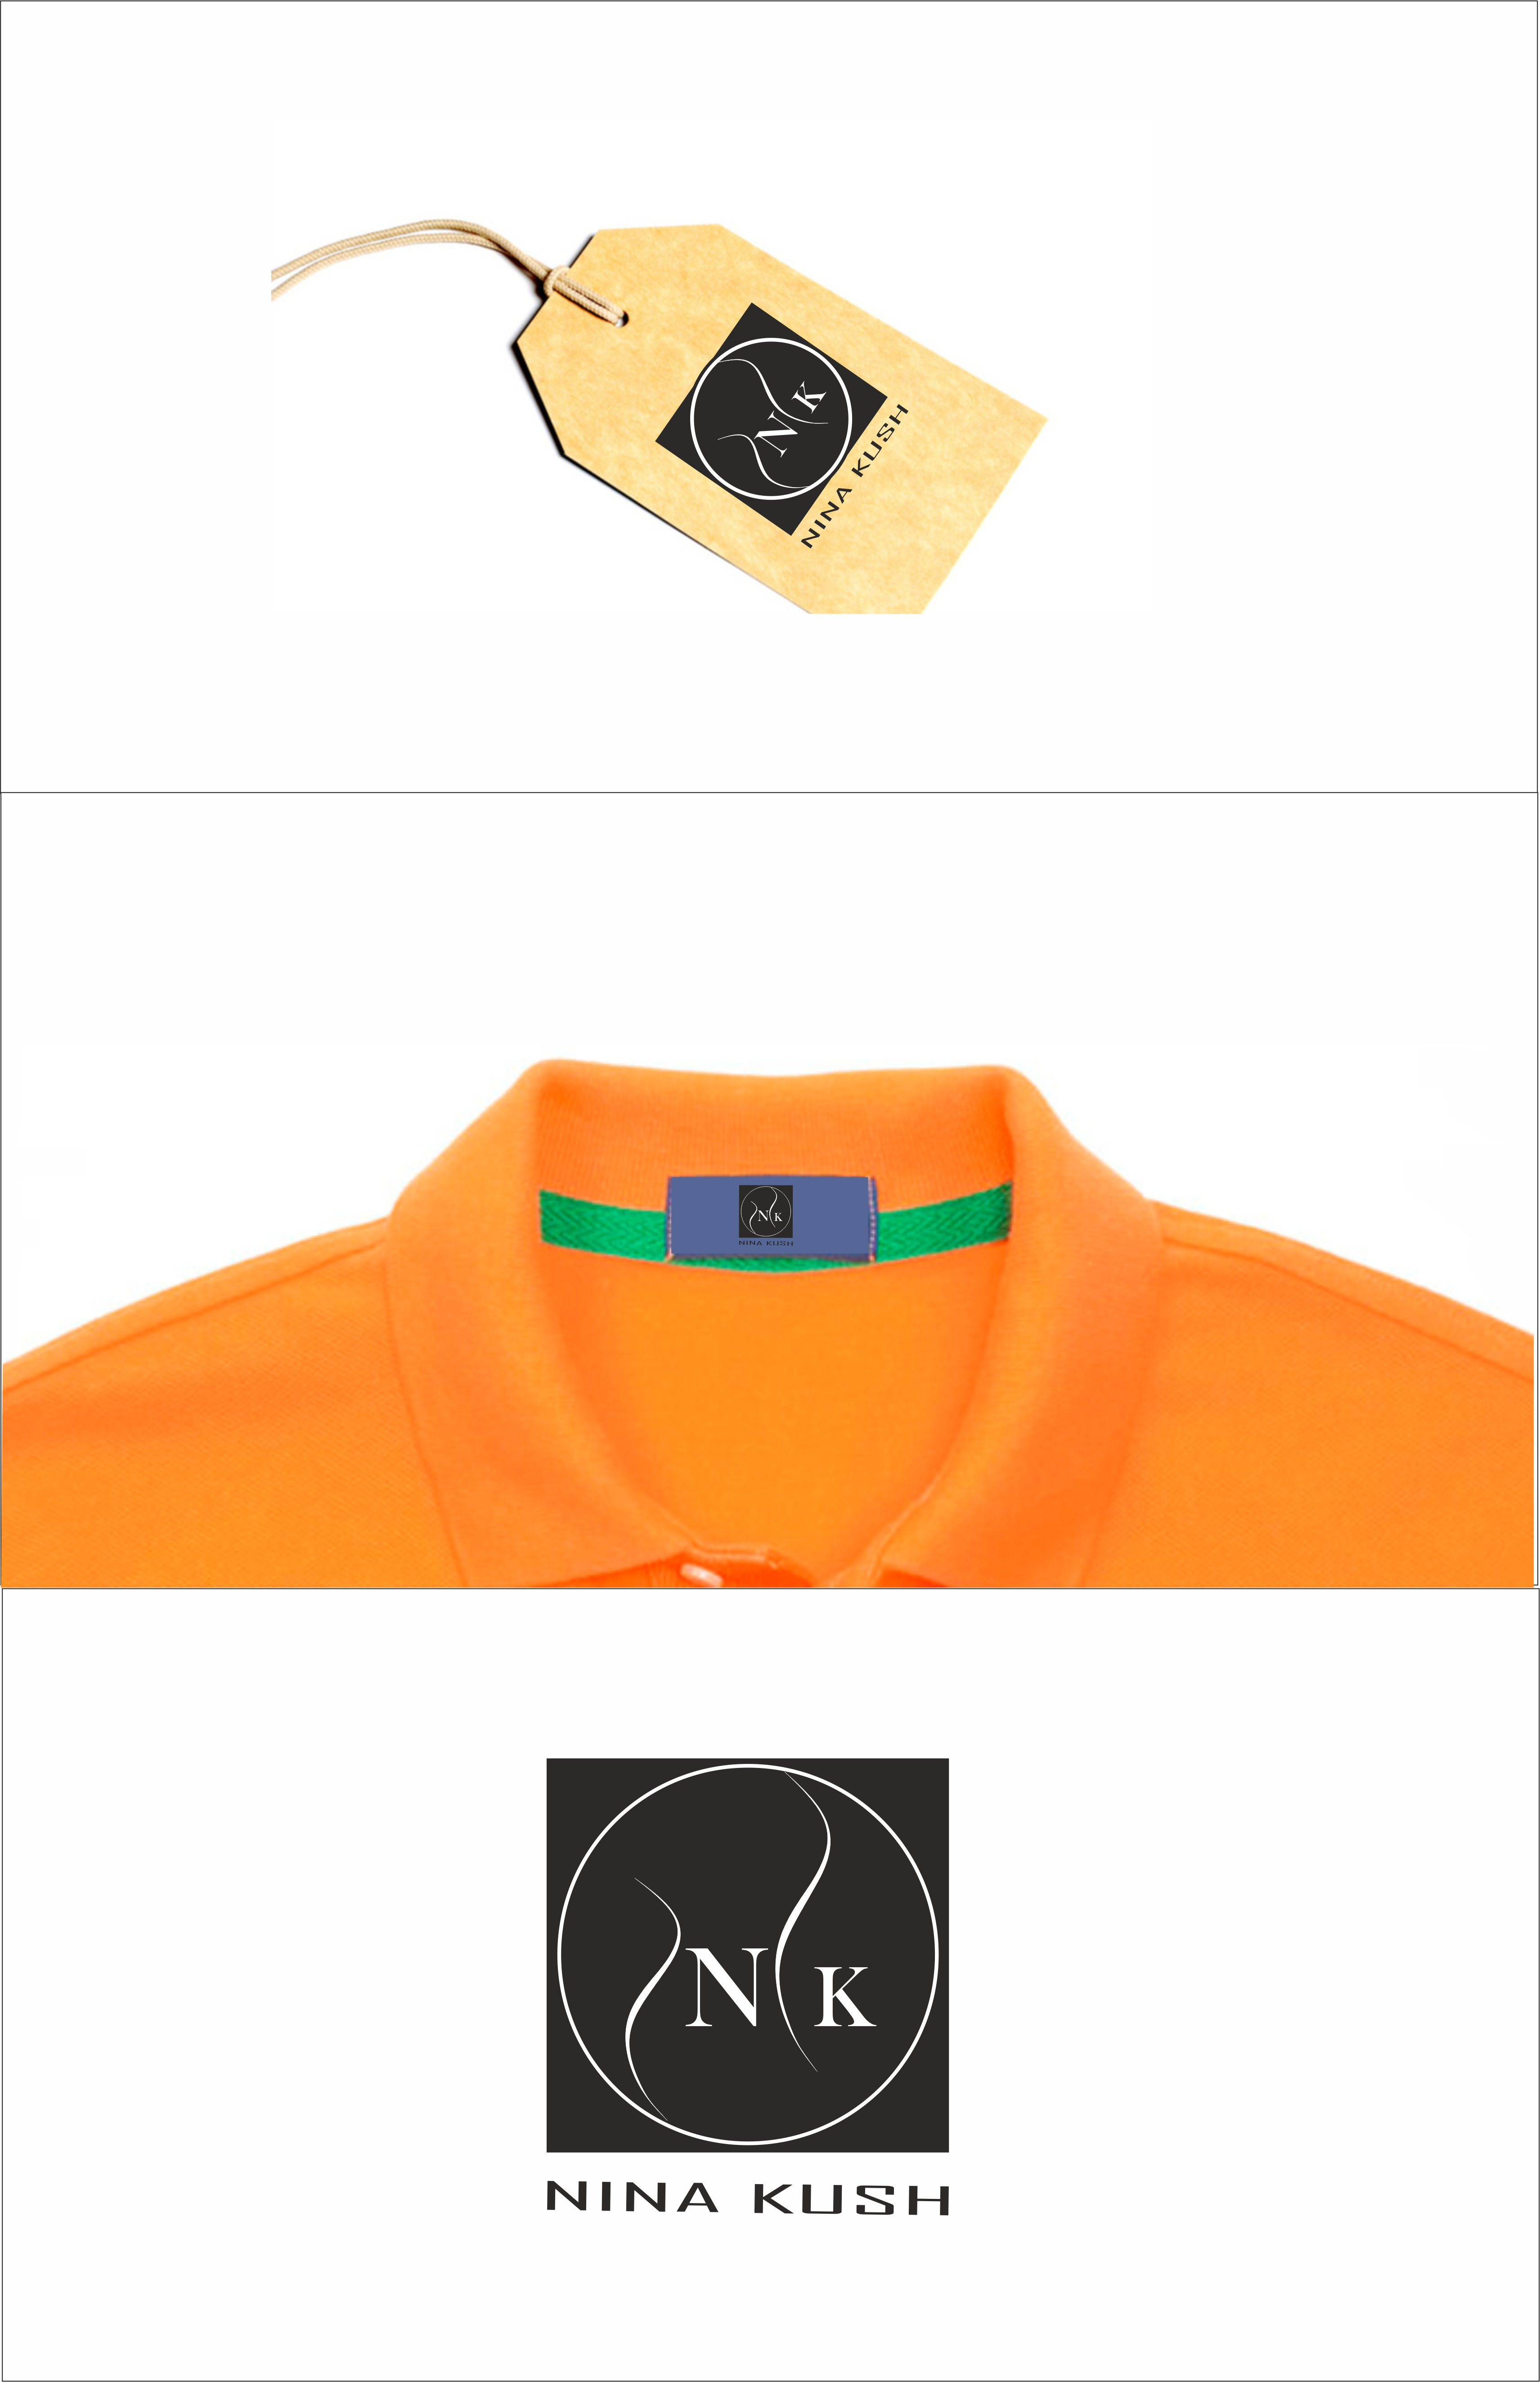 Логотип, товарный знак. Далее разработка brend booka компани фото f_4015ce6a8c714c8b.jpg